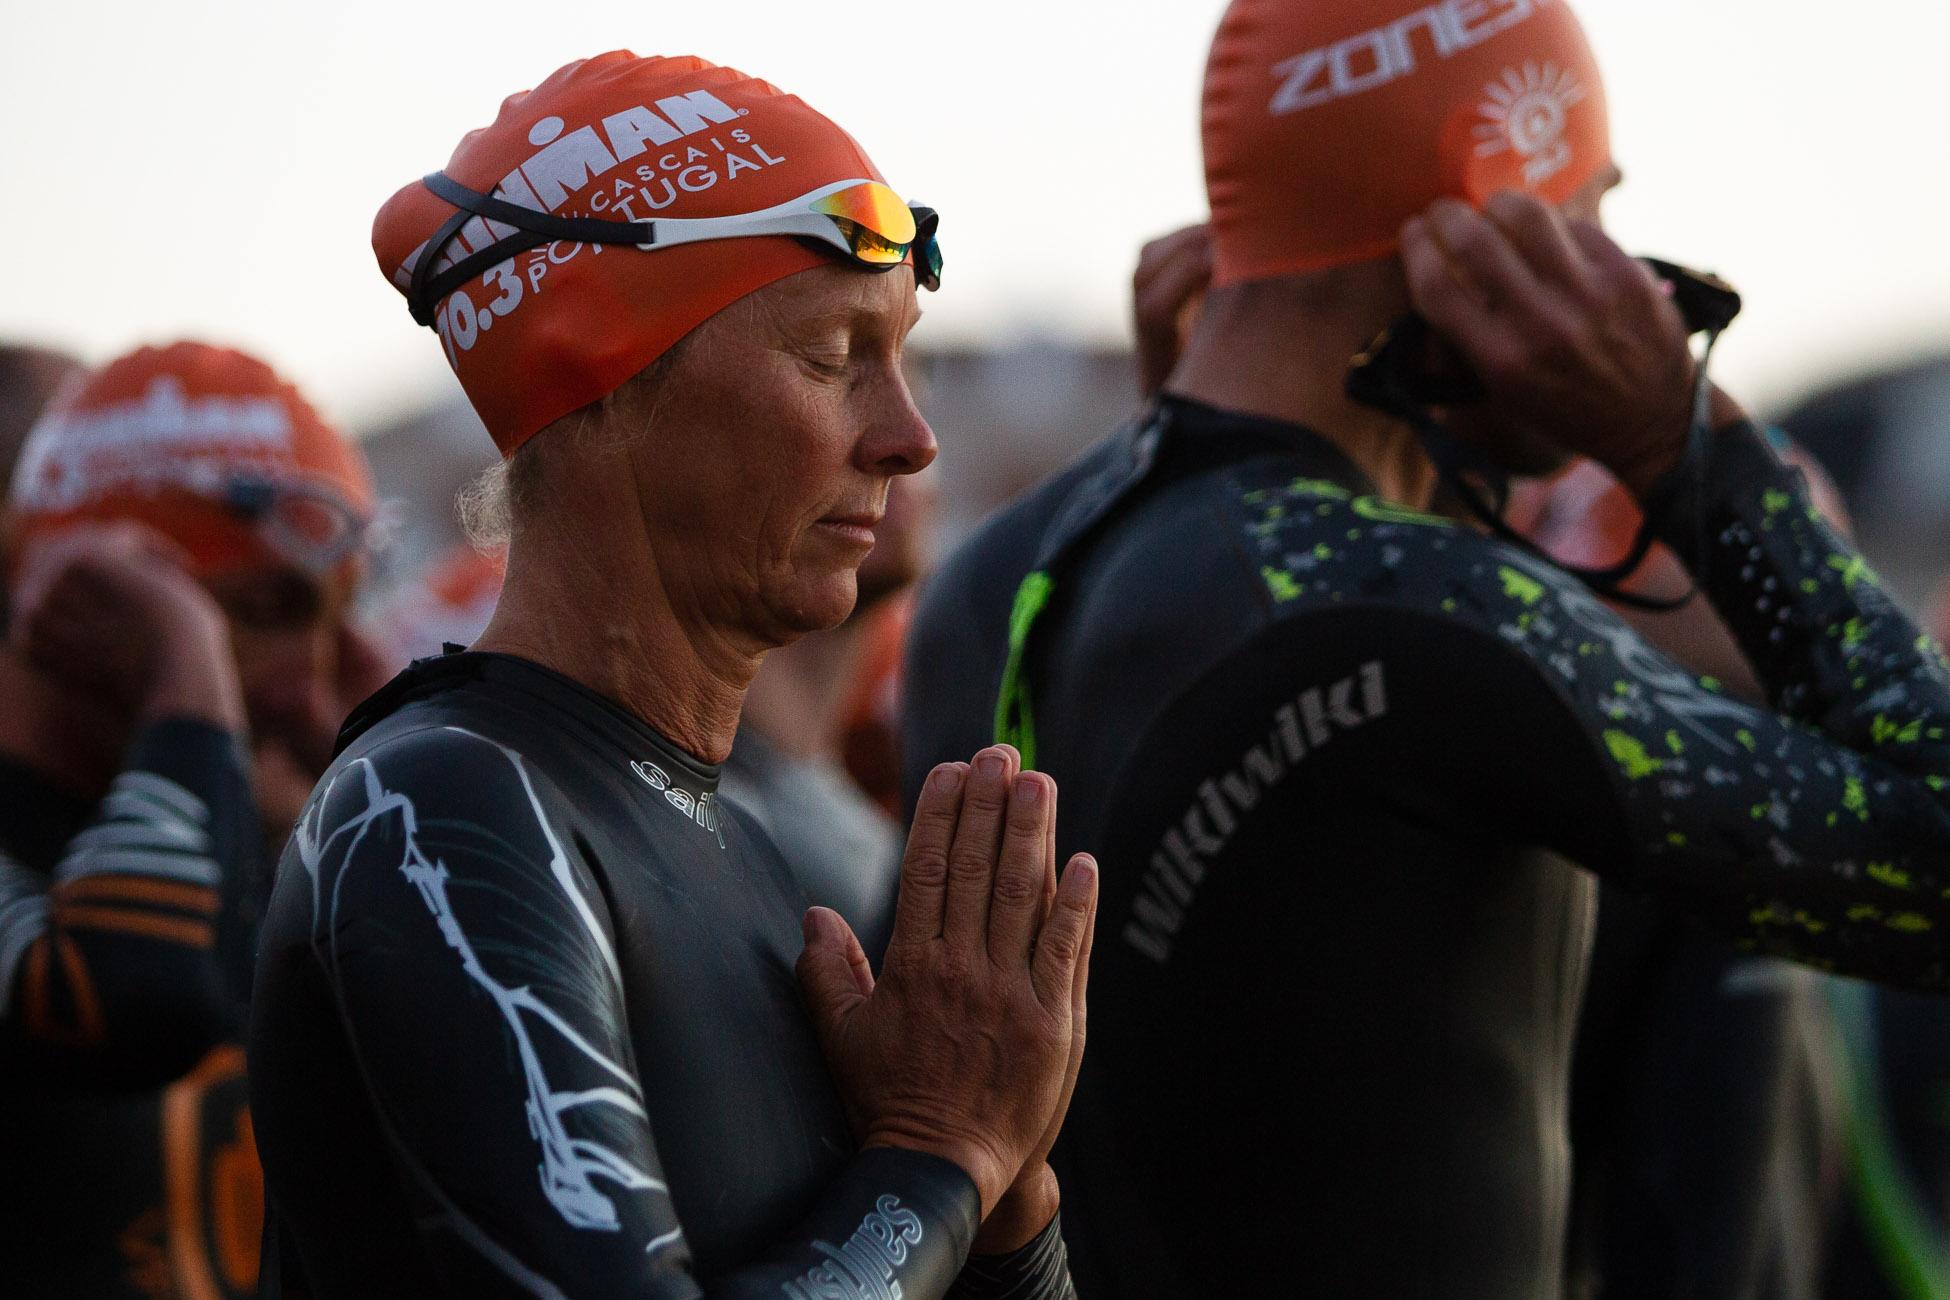 ironman-triatlo-fitness-lifestyle-desporto-atleta-fotografia-003.jpg